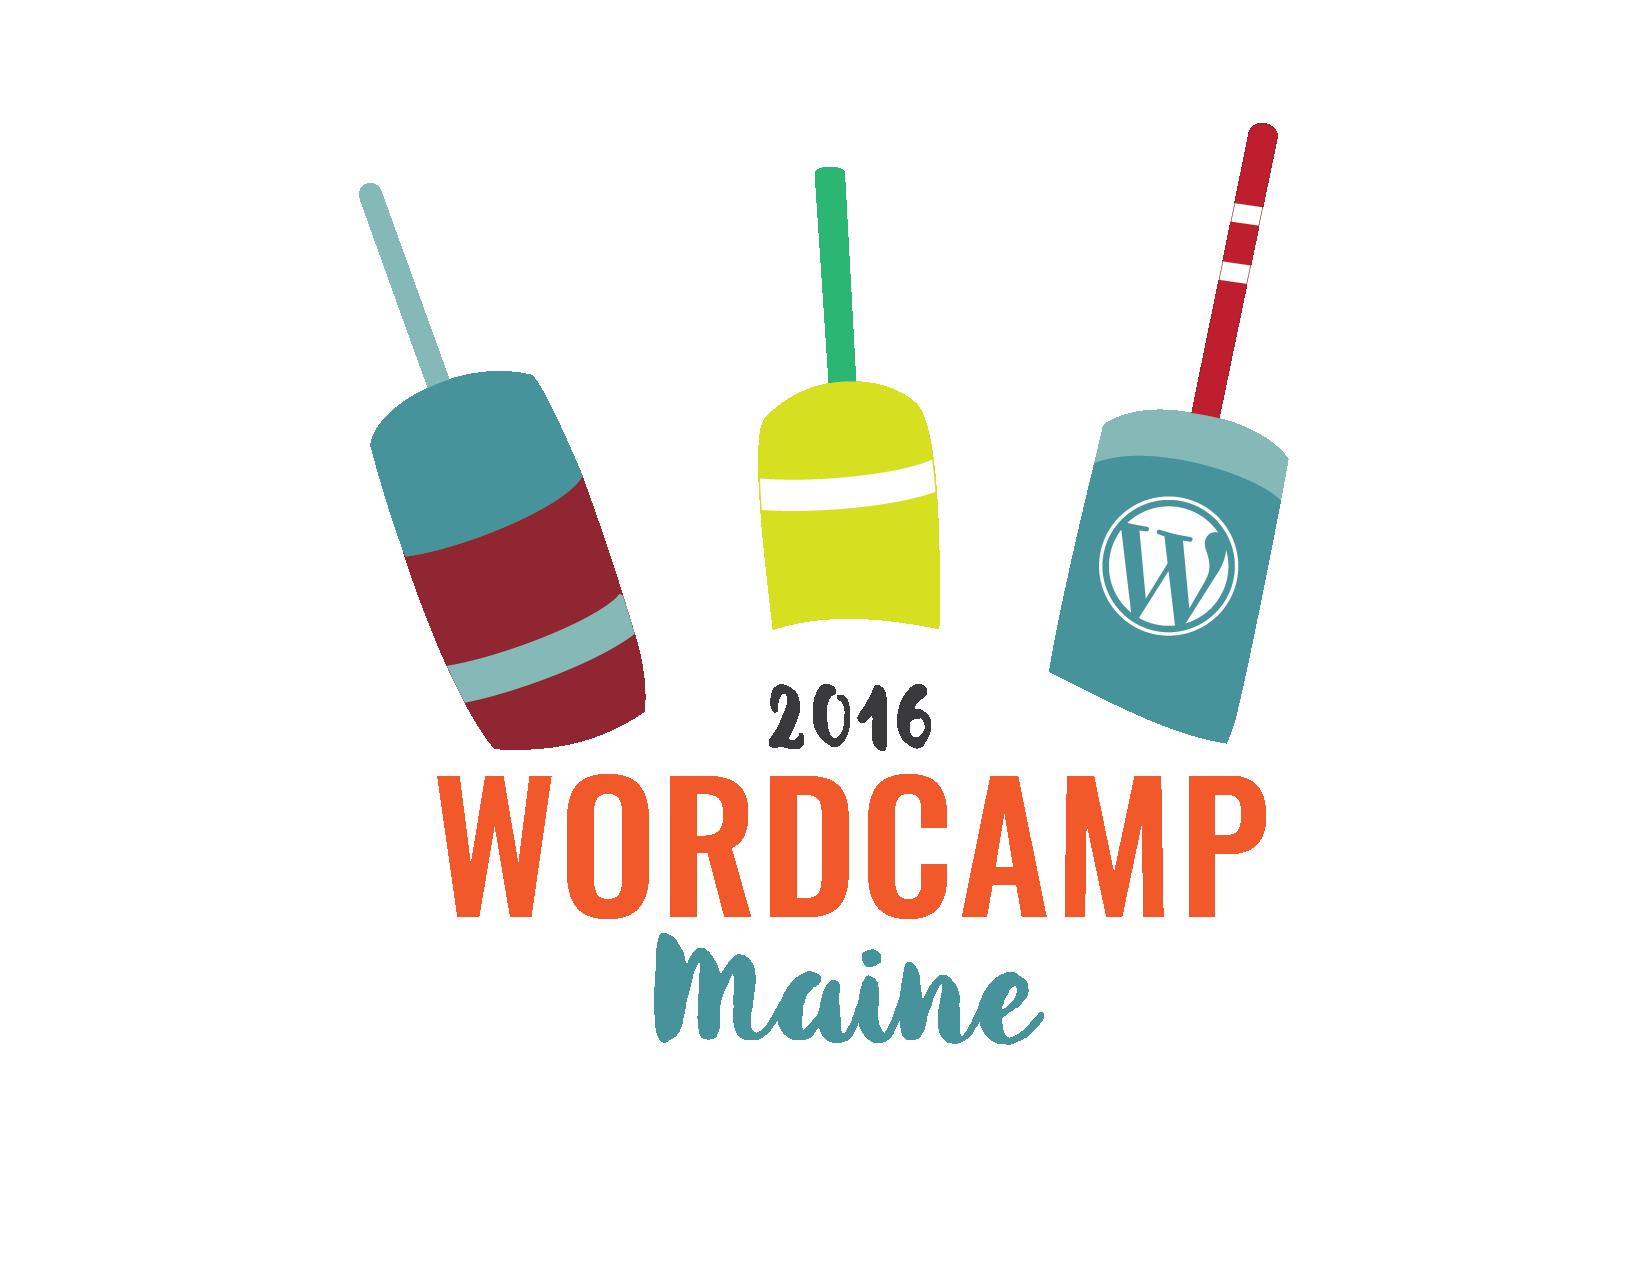 Wordcamp Maine 2016